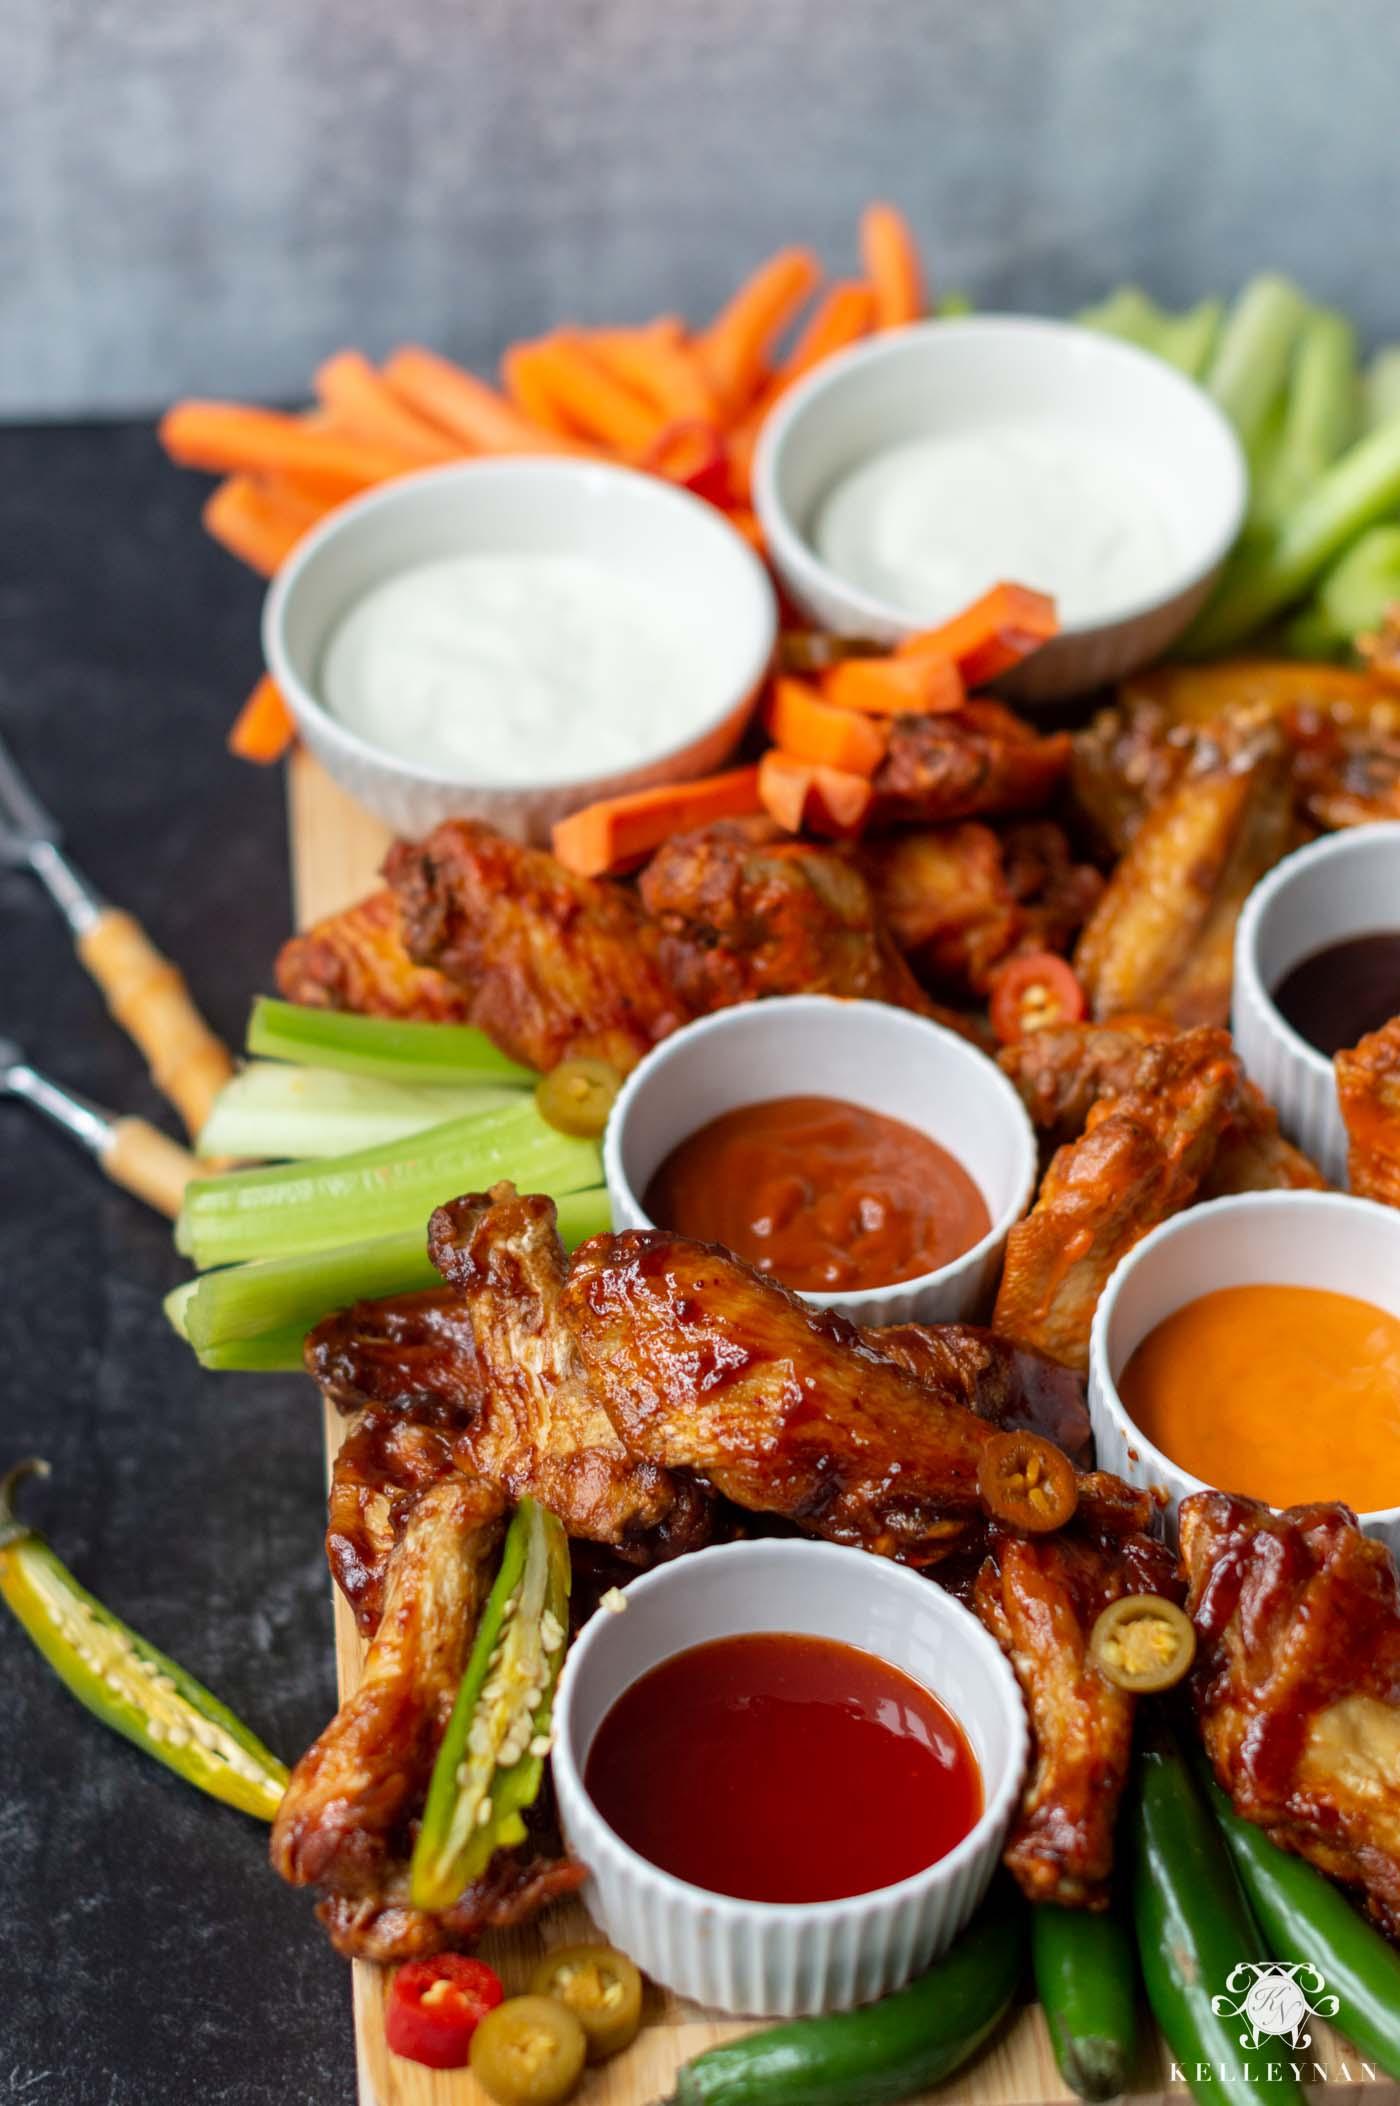 Superbowl Party Food Idea- Hot Wings n' Things Board